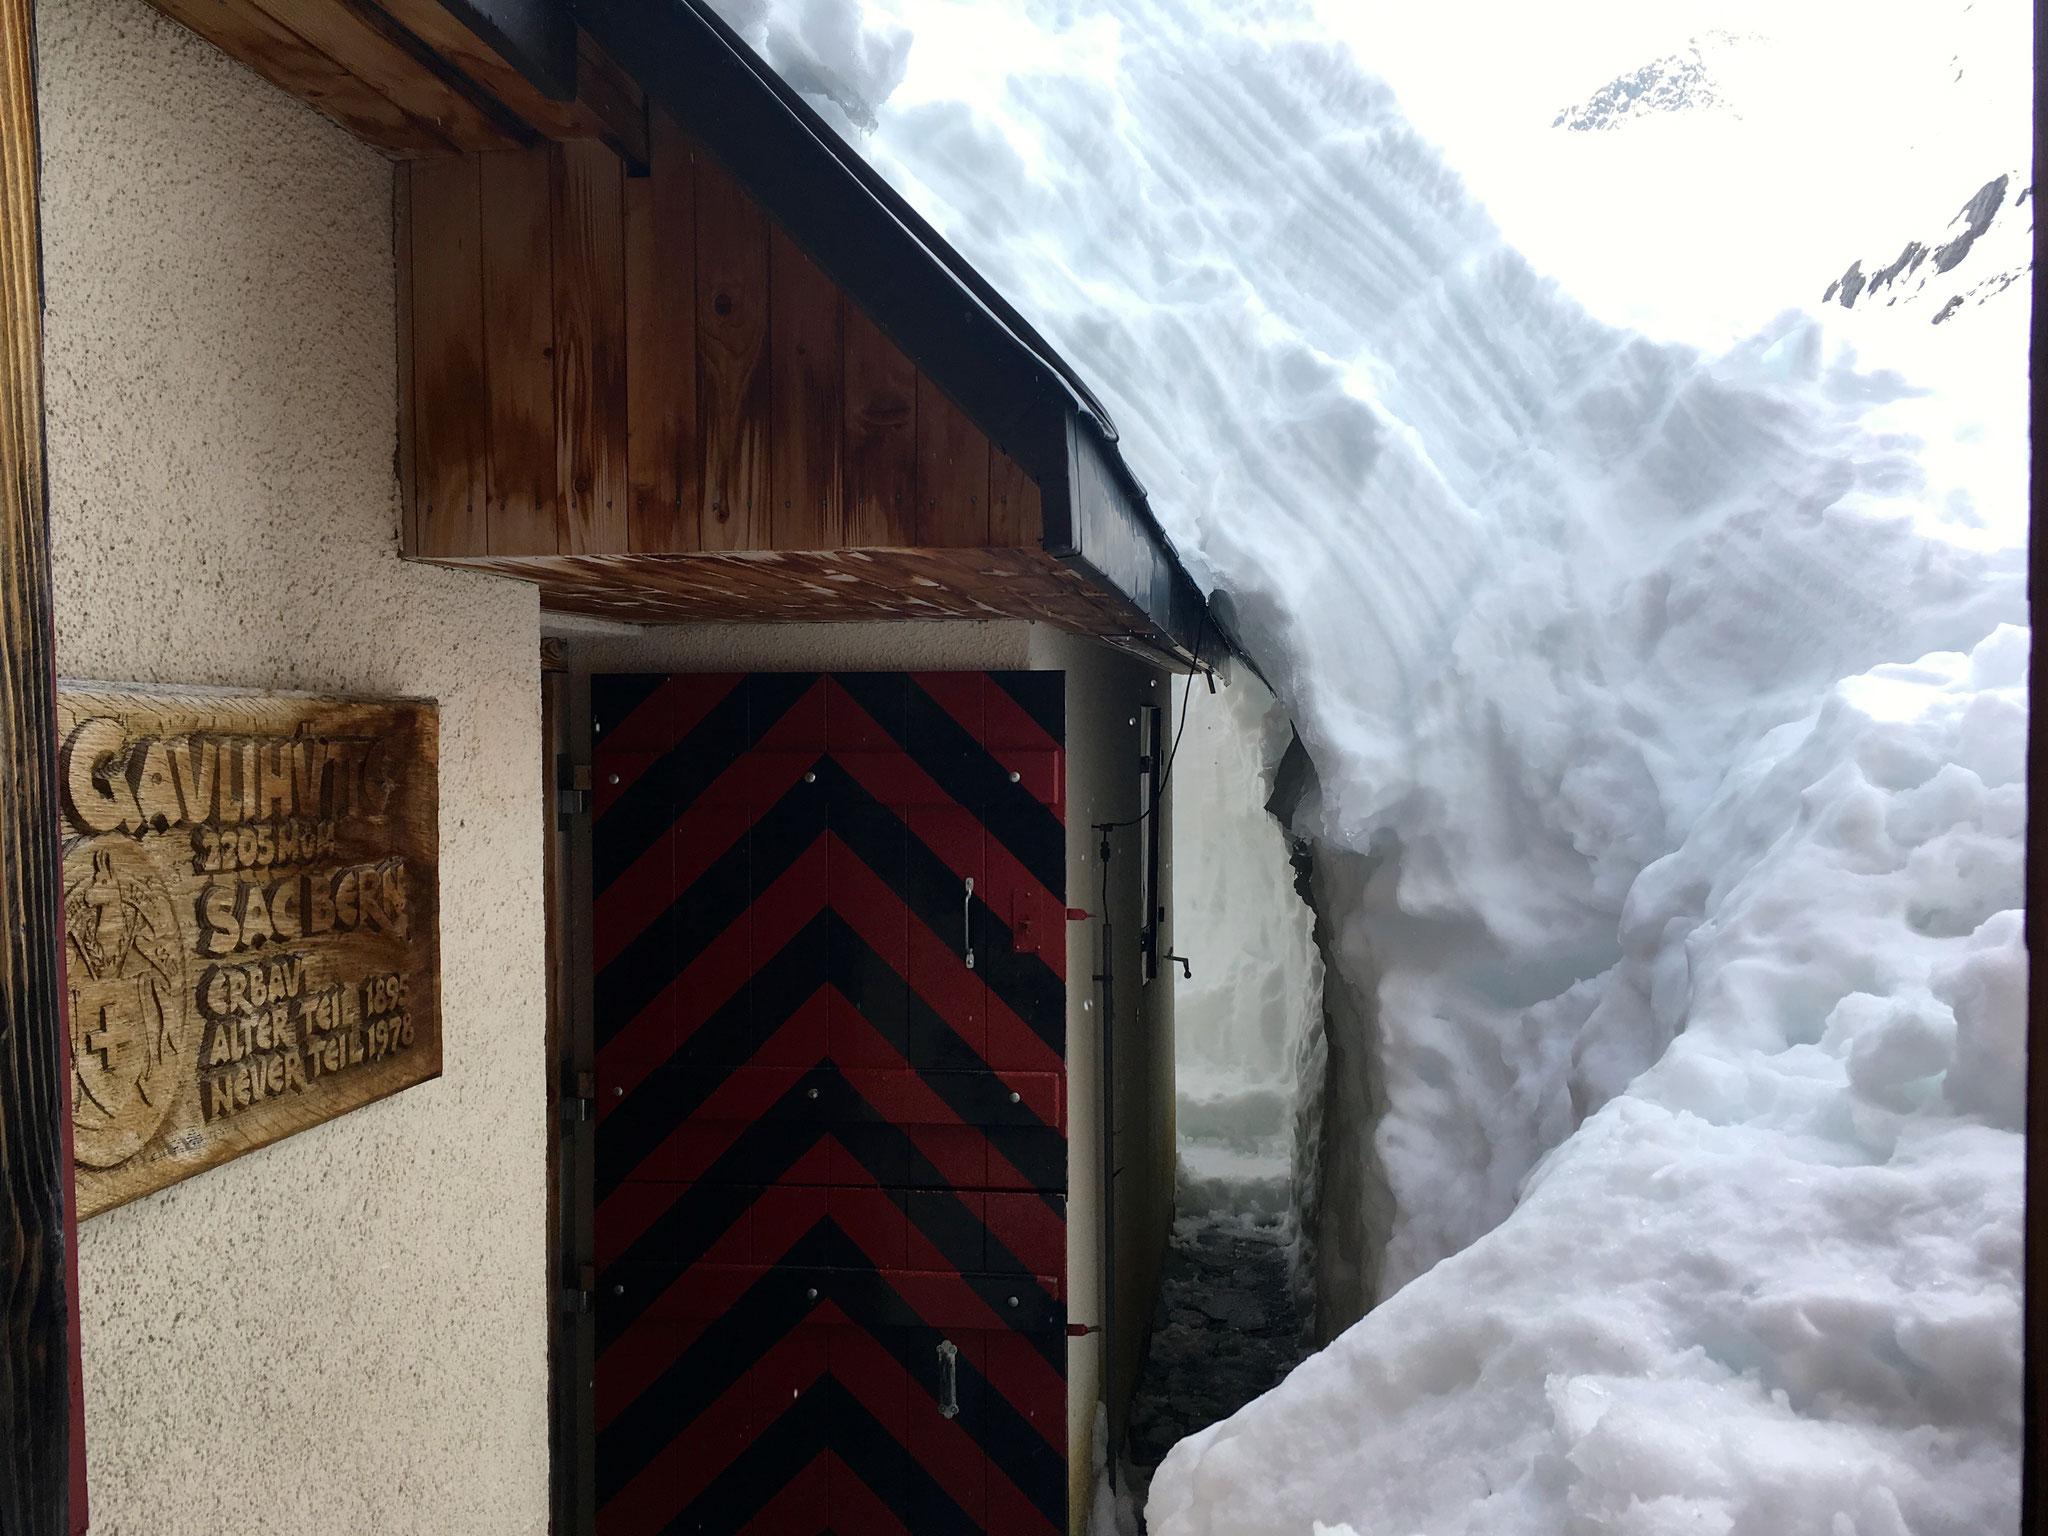 ...15: Der Weg zur Sonnenterrasse ist vom Schnee befreit